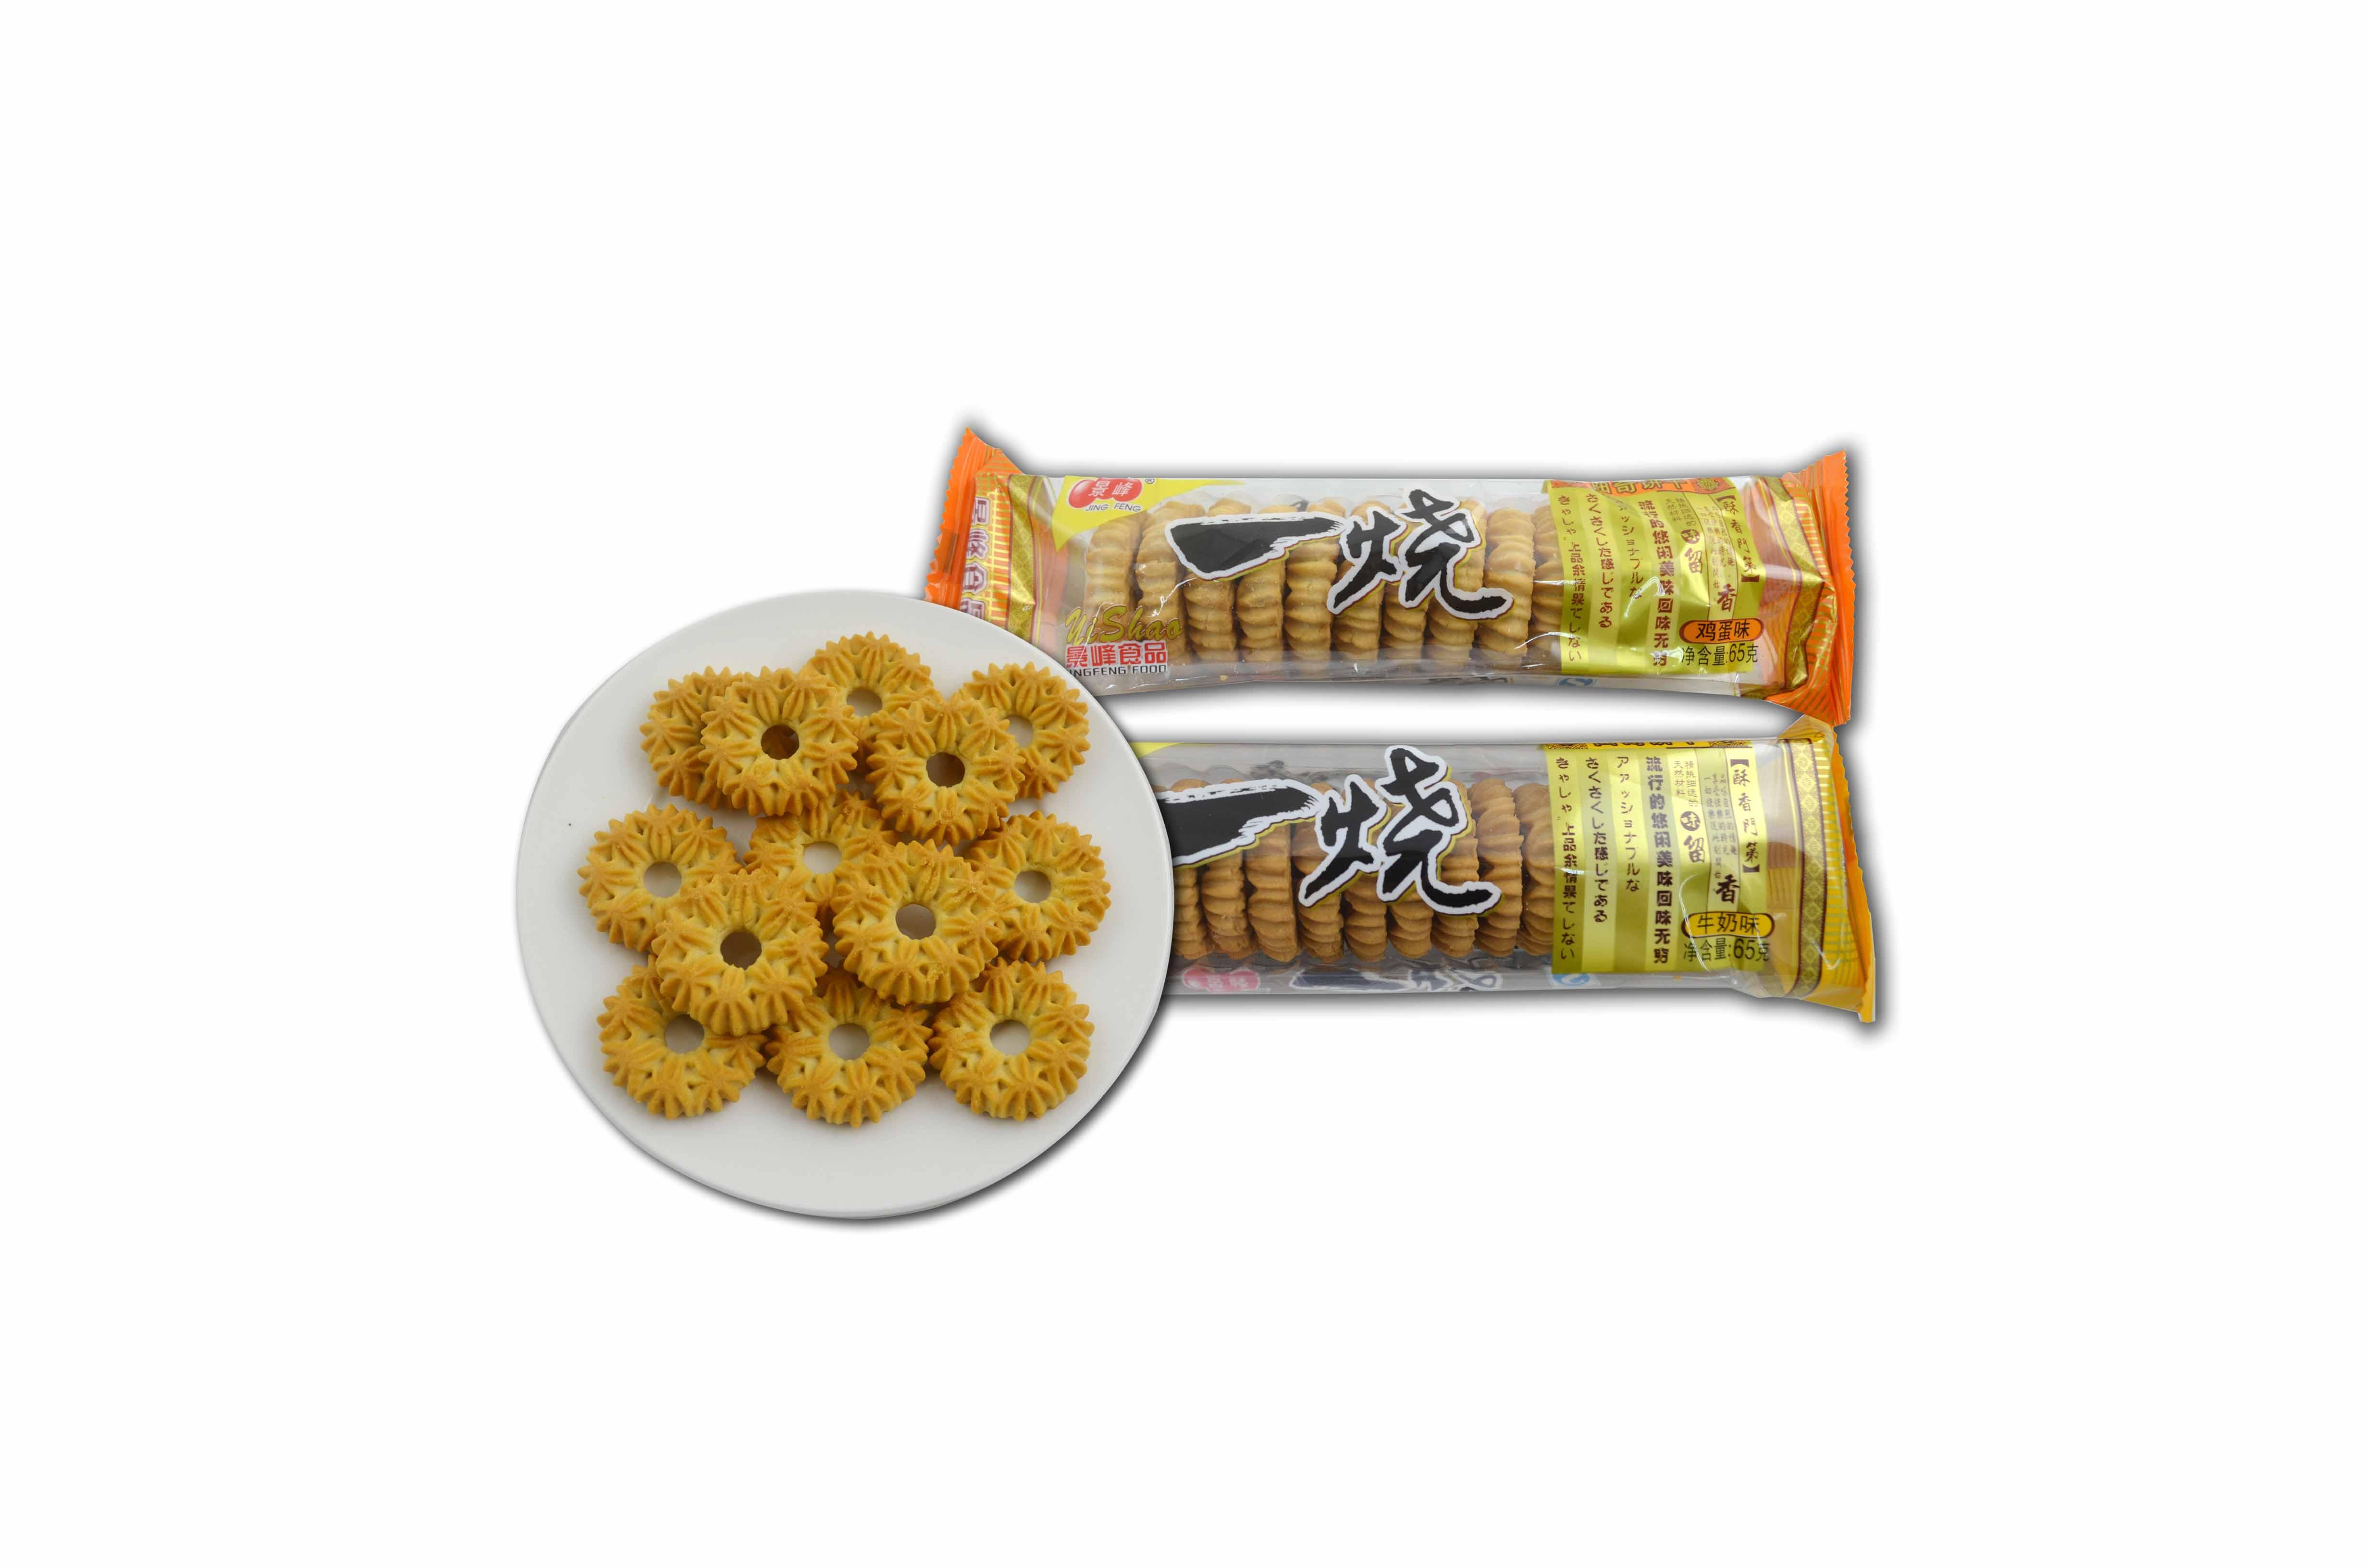 一烧曲奇饼干(65g)